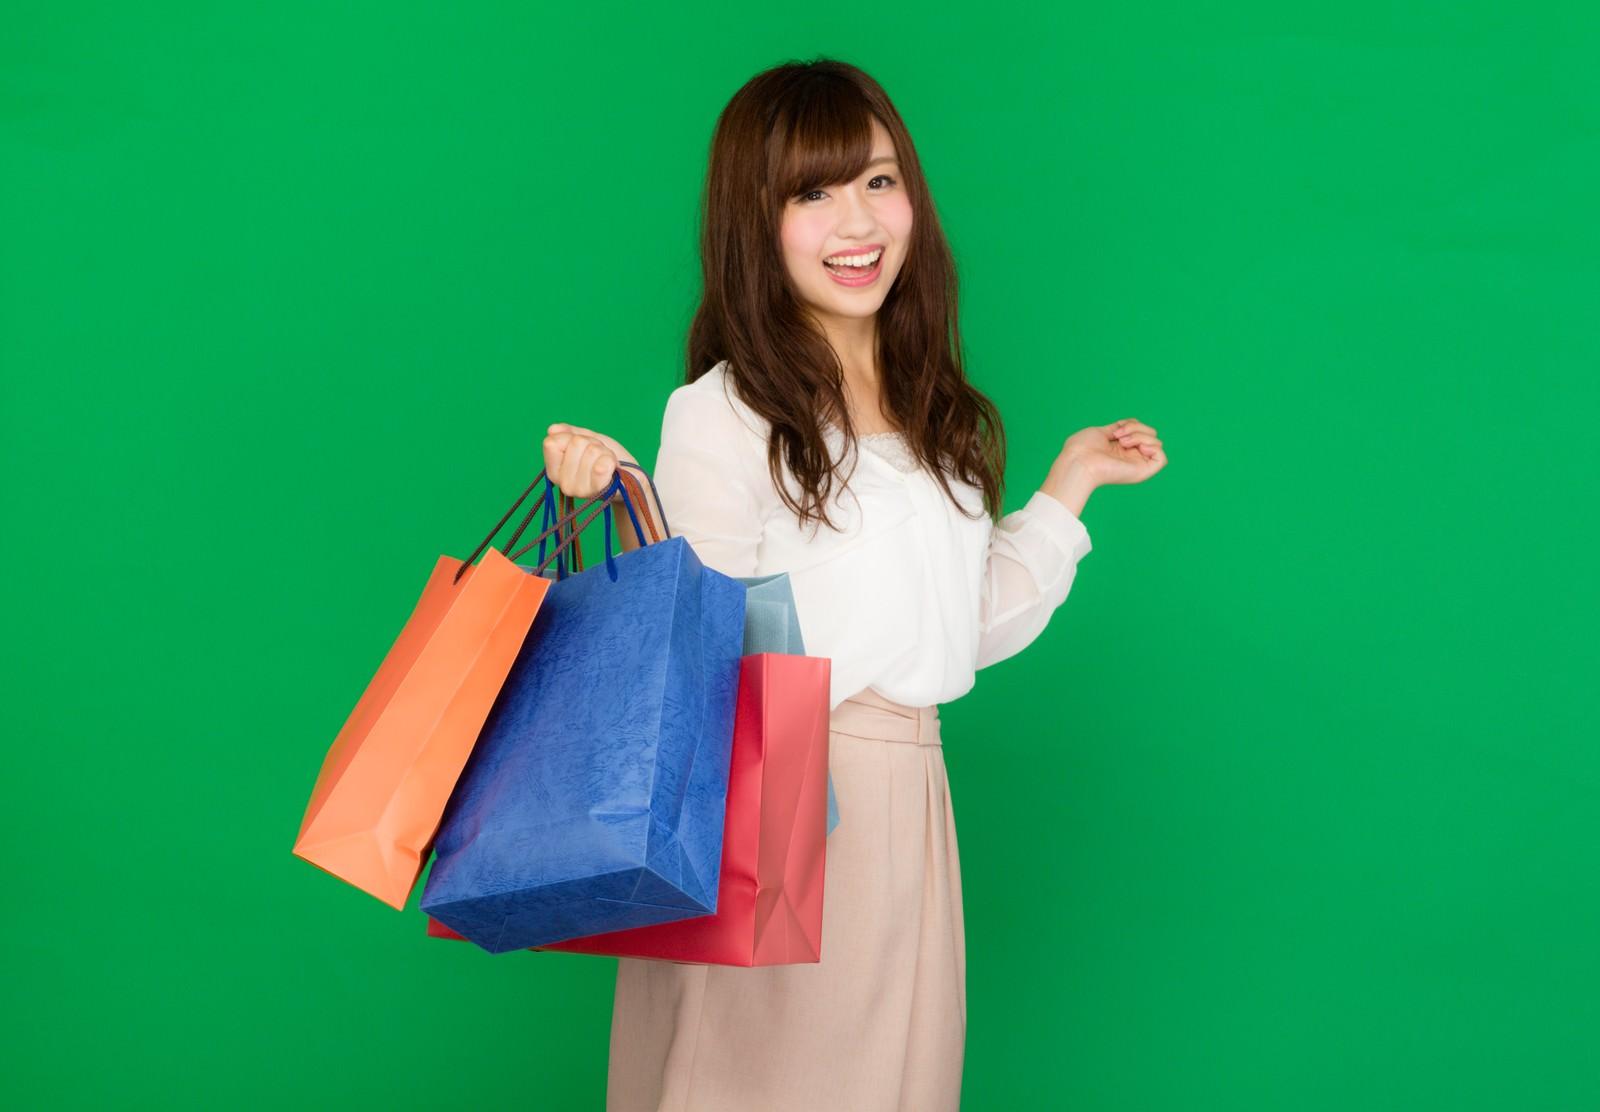 「バーゲンセールでショッピングを楽しむキラキラ女子(グリーンバック)」の写真[モデル:河村友歌]